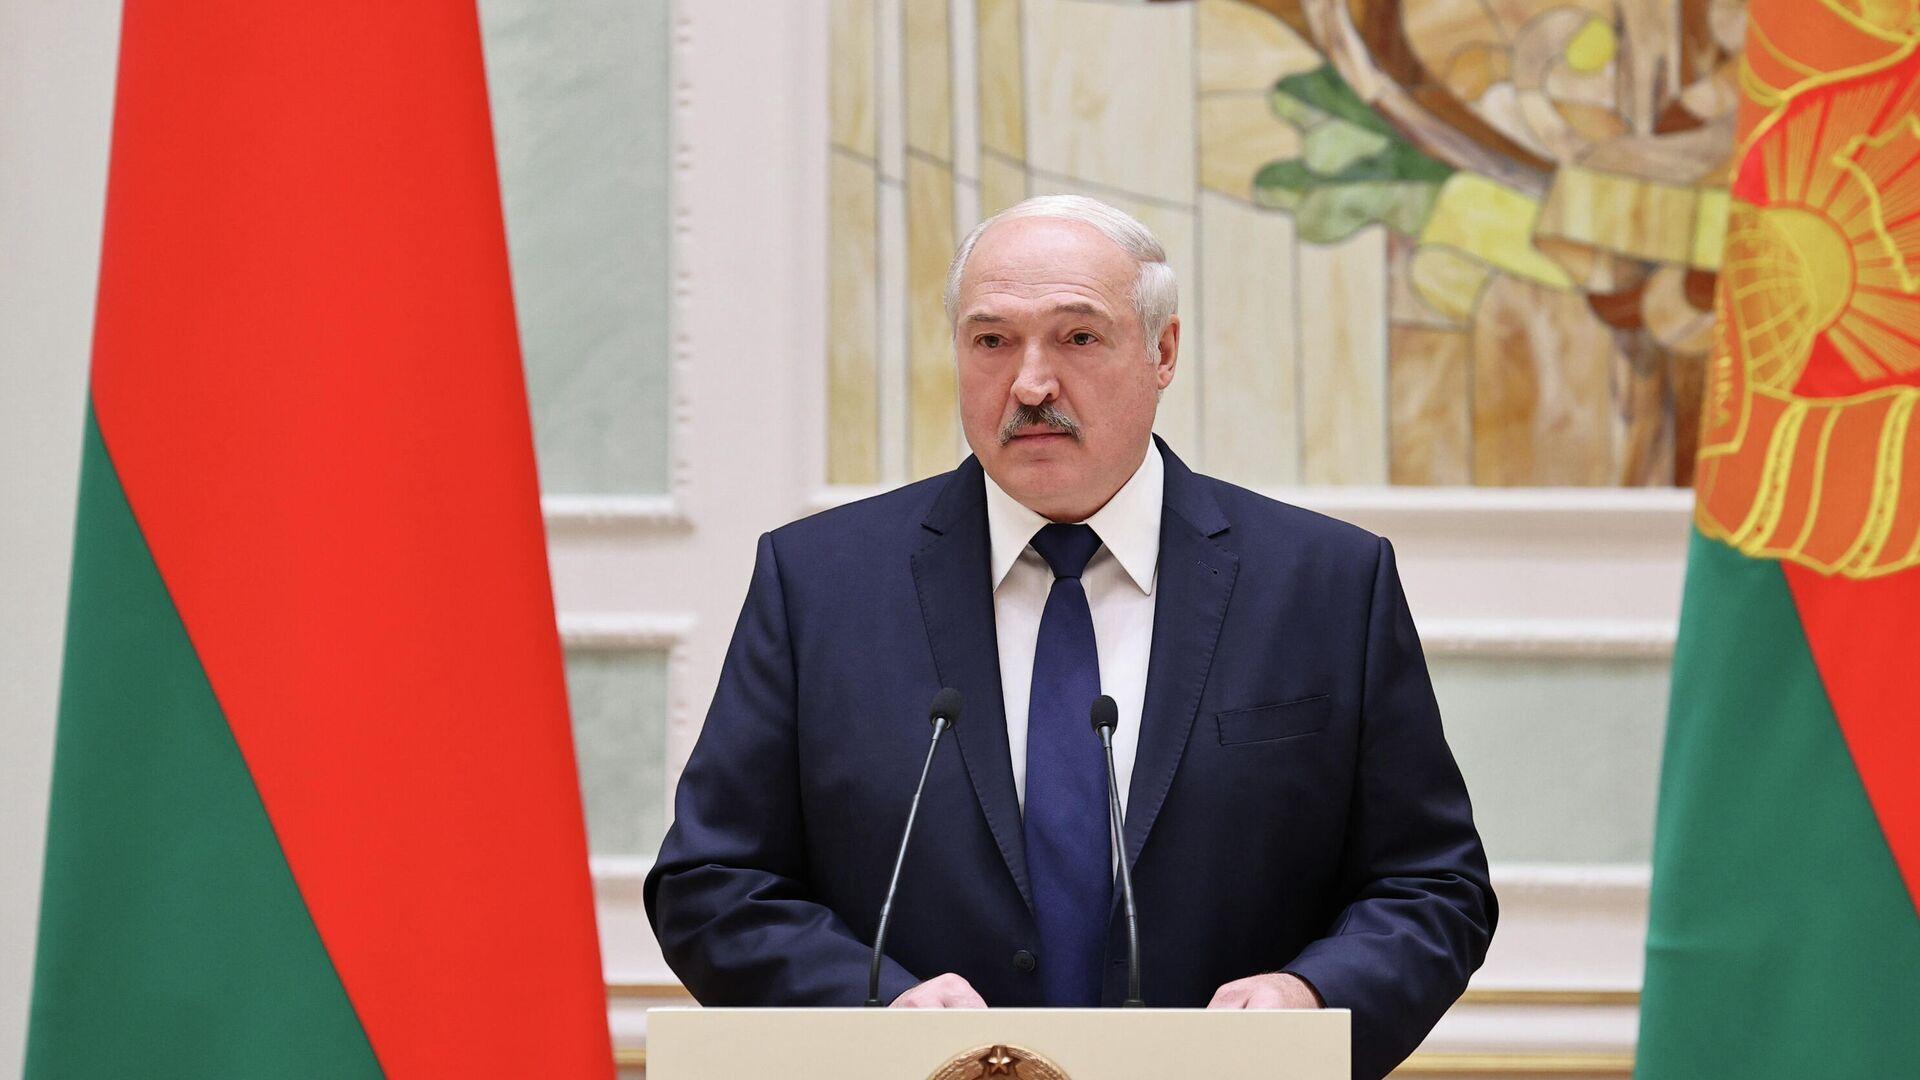 Президент Белоруссии Александр Лукашенко - РИА Новости, 1920, 27.11.2020